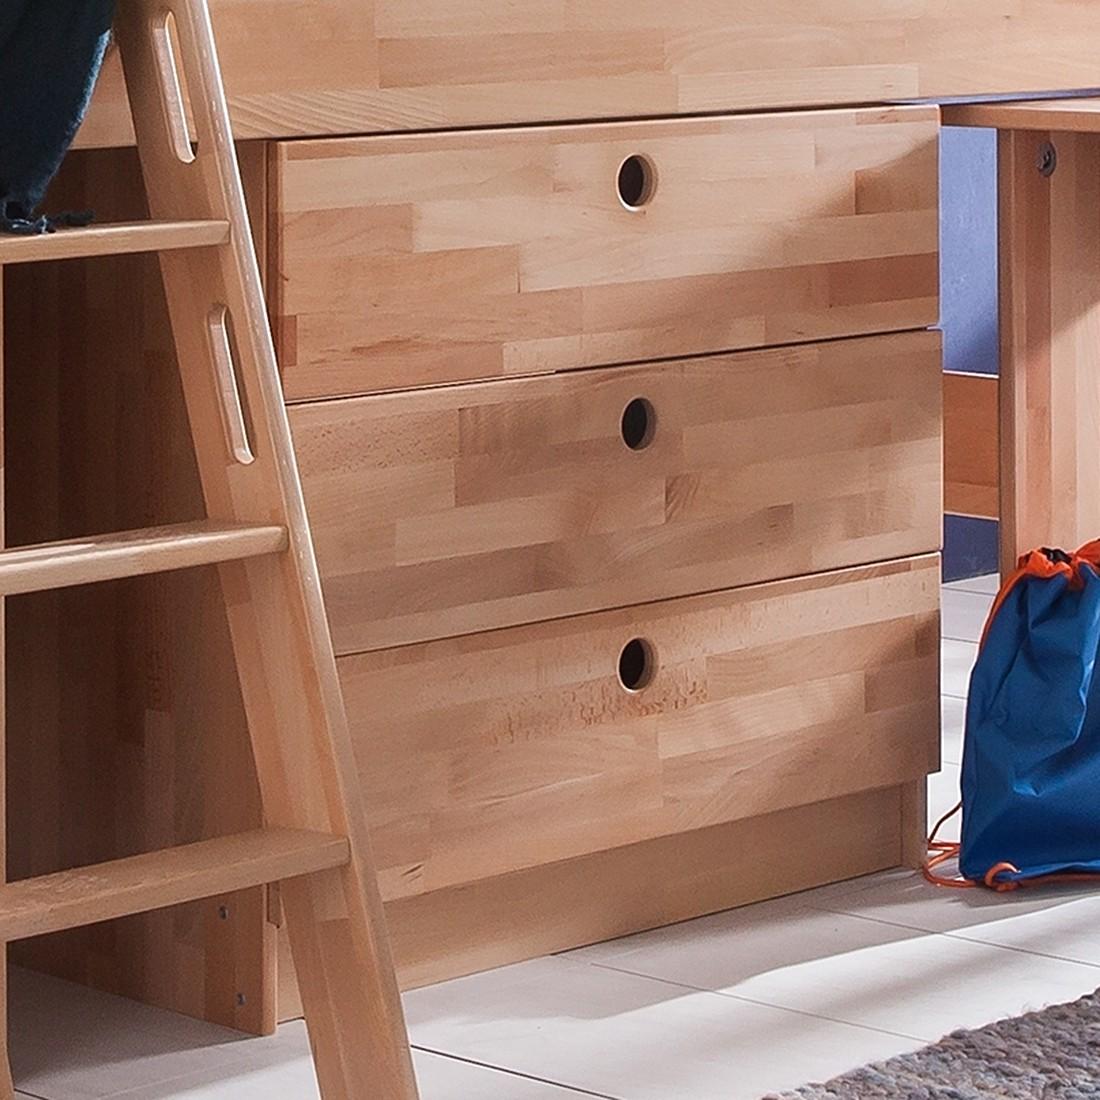 schubladen kommode fabulous massivholz village with schubladen kommode elegant schubladen. Black Bedroom Furniture Sets. Home Design Ideas